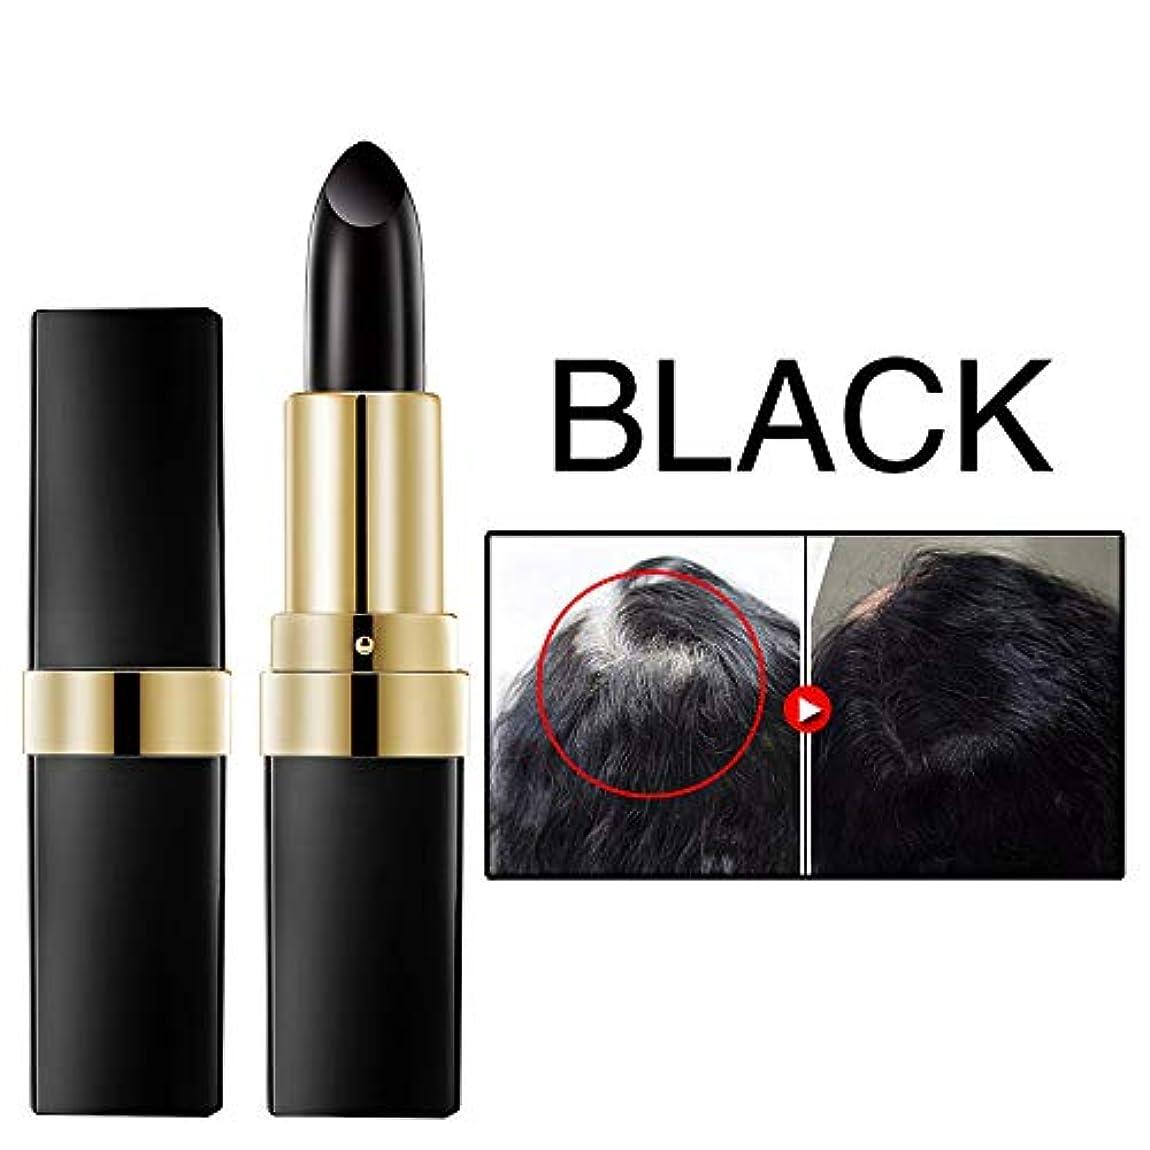 ことわざ信念平らなワンタイムヘア染料インスタントグレールートカバレッジヘアカラー変更クリームスティック一時的なカバーアップ白い髪の色の染料 3.8 g (ブラック)